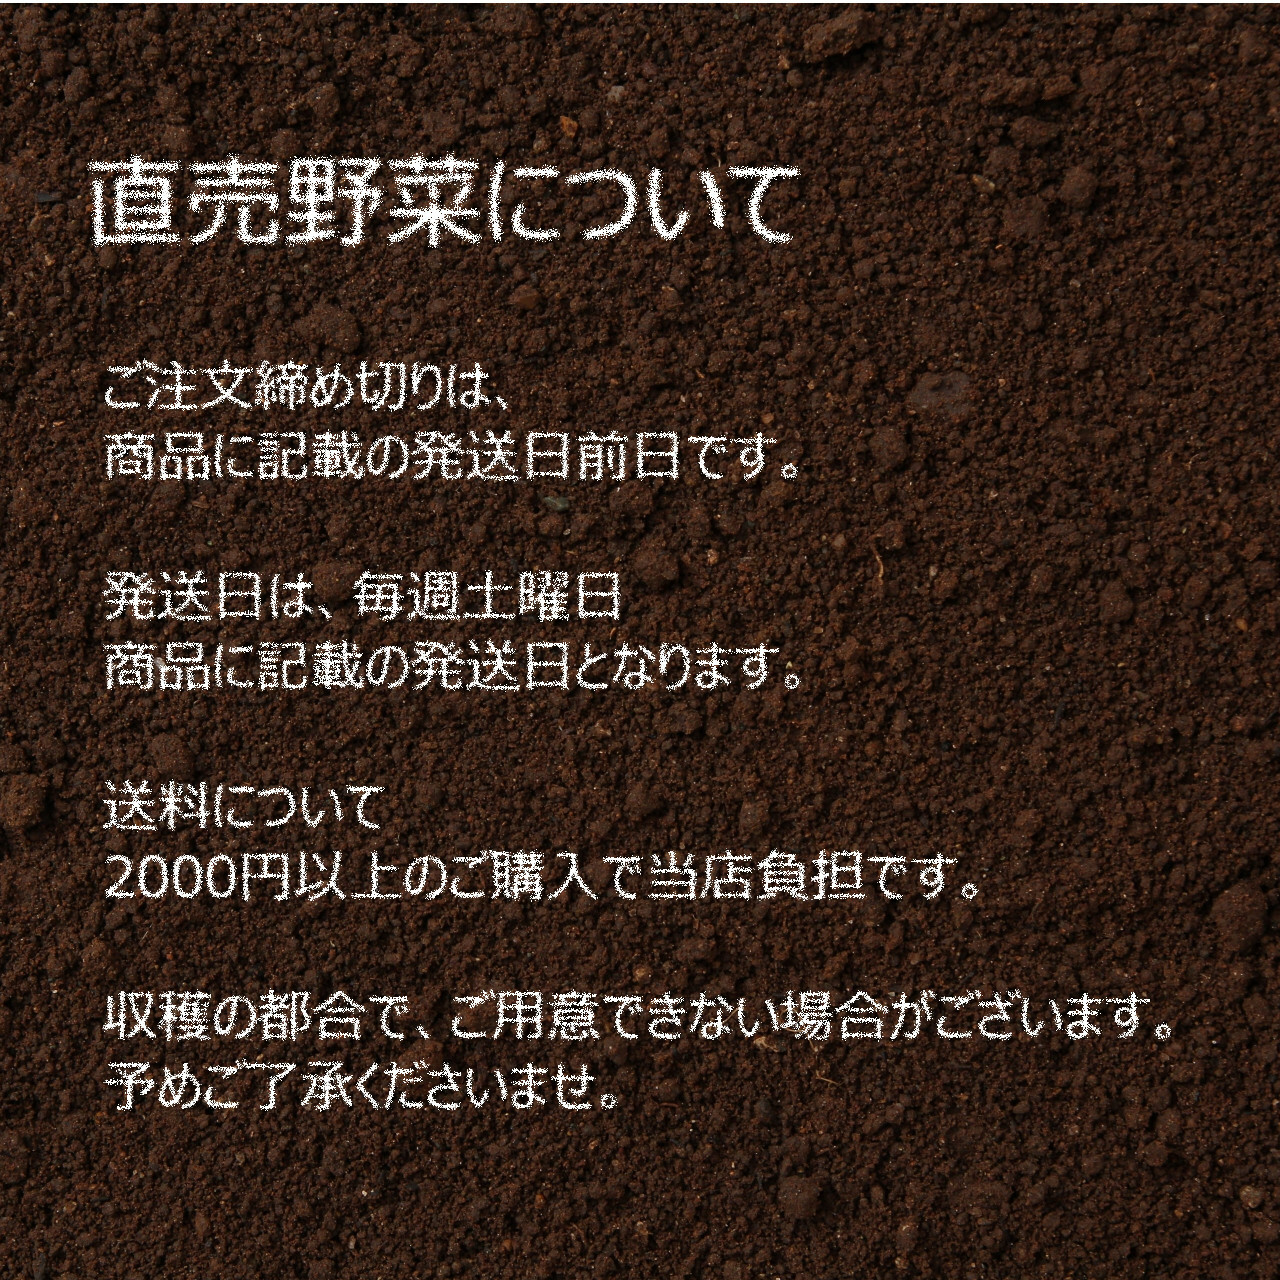 新鮮な秋野菜 : ミョウガ 約150g 9月の朝採り直売野菜 9月5日発送予定